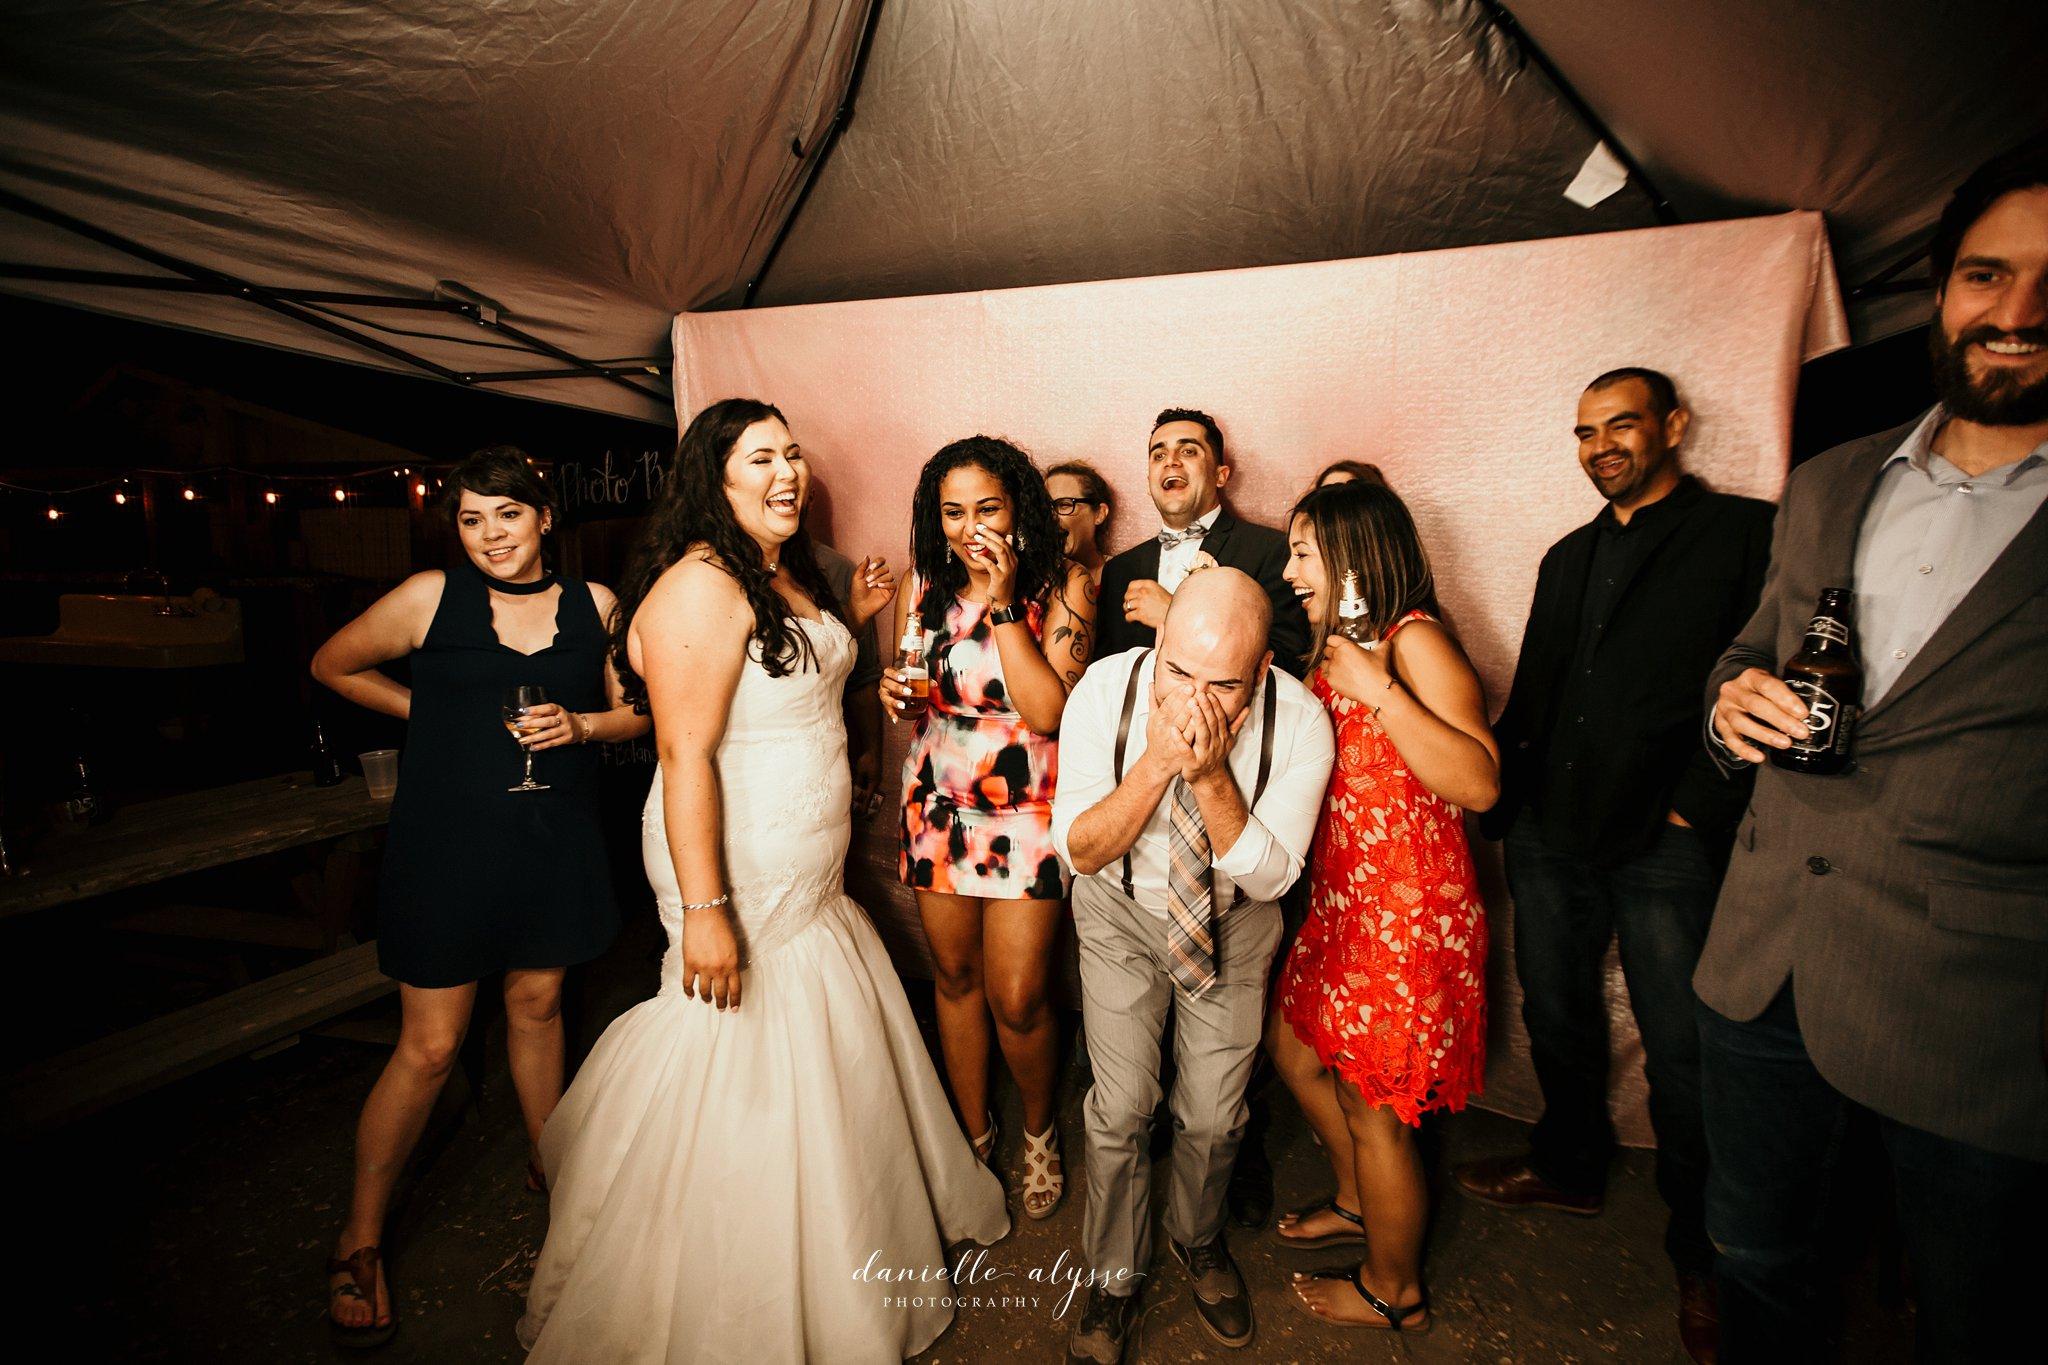 180630_wedding_lily_ryan_mission_soledad_california_danielle_alysse_photography_blog_1340_WEB.jpg